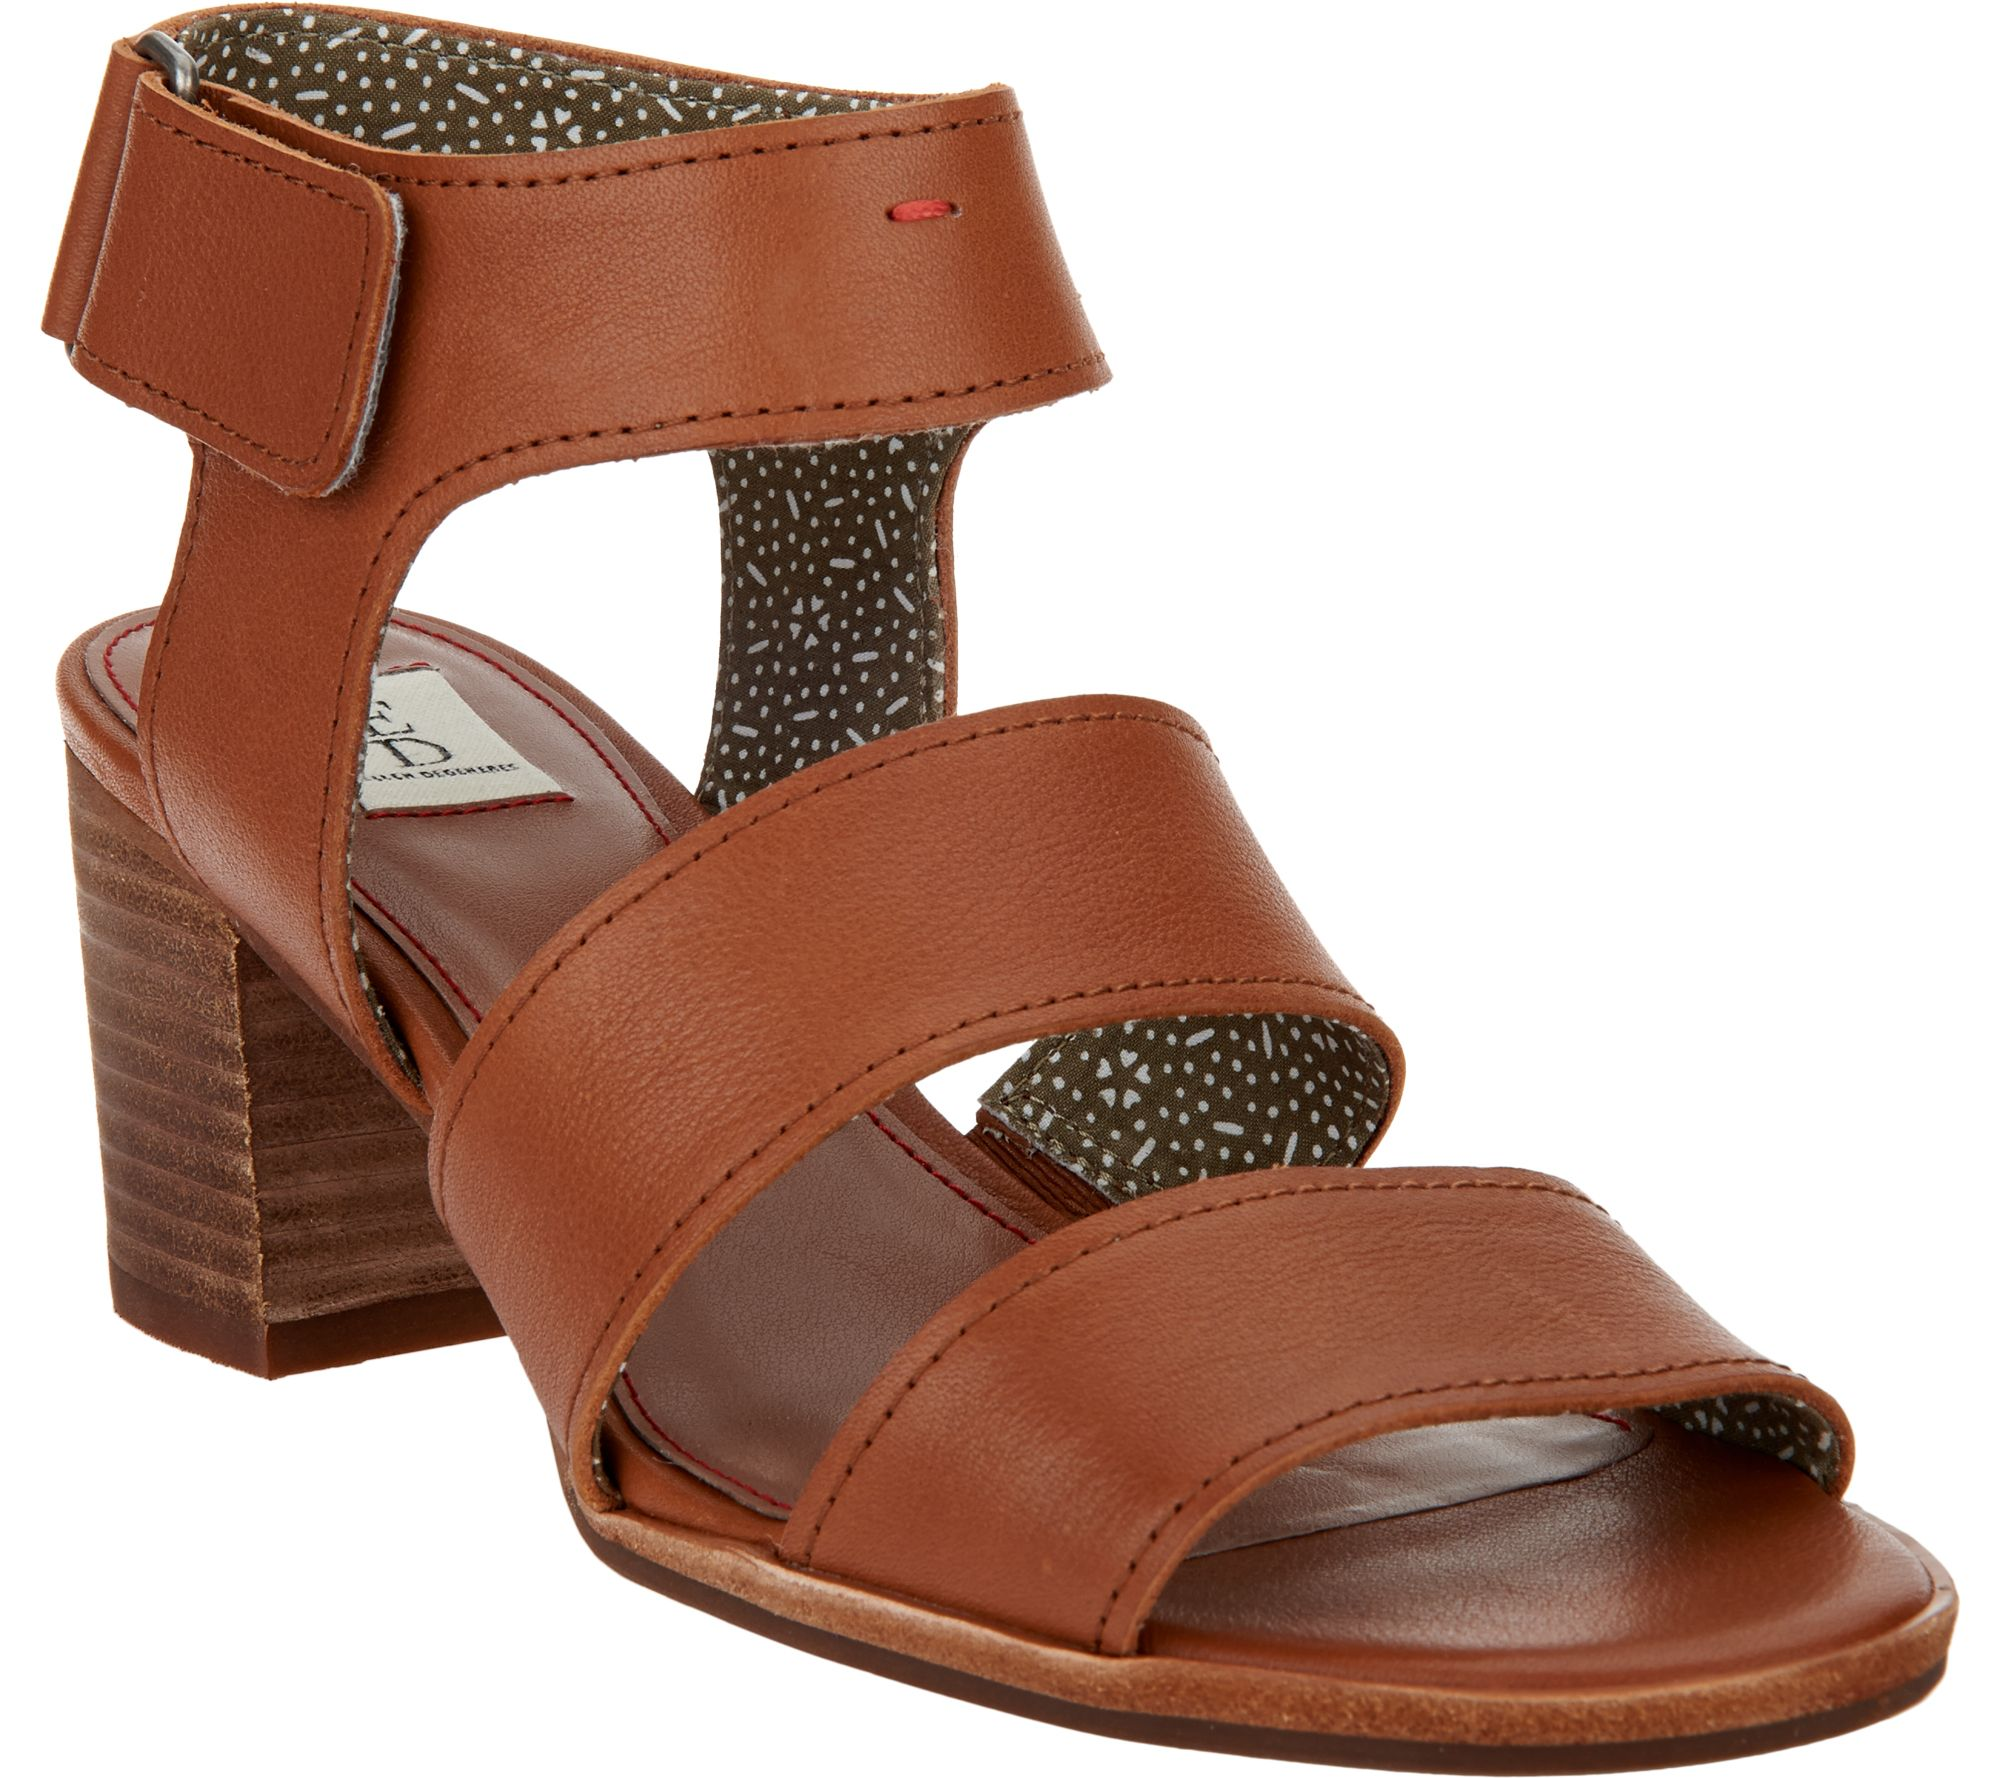 ED Ellen DeGeneres Triple Strap Leather Sandals - Tahni - A291058